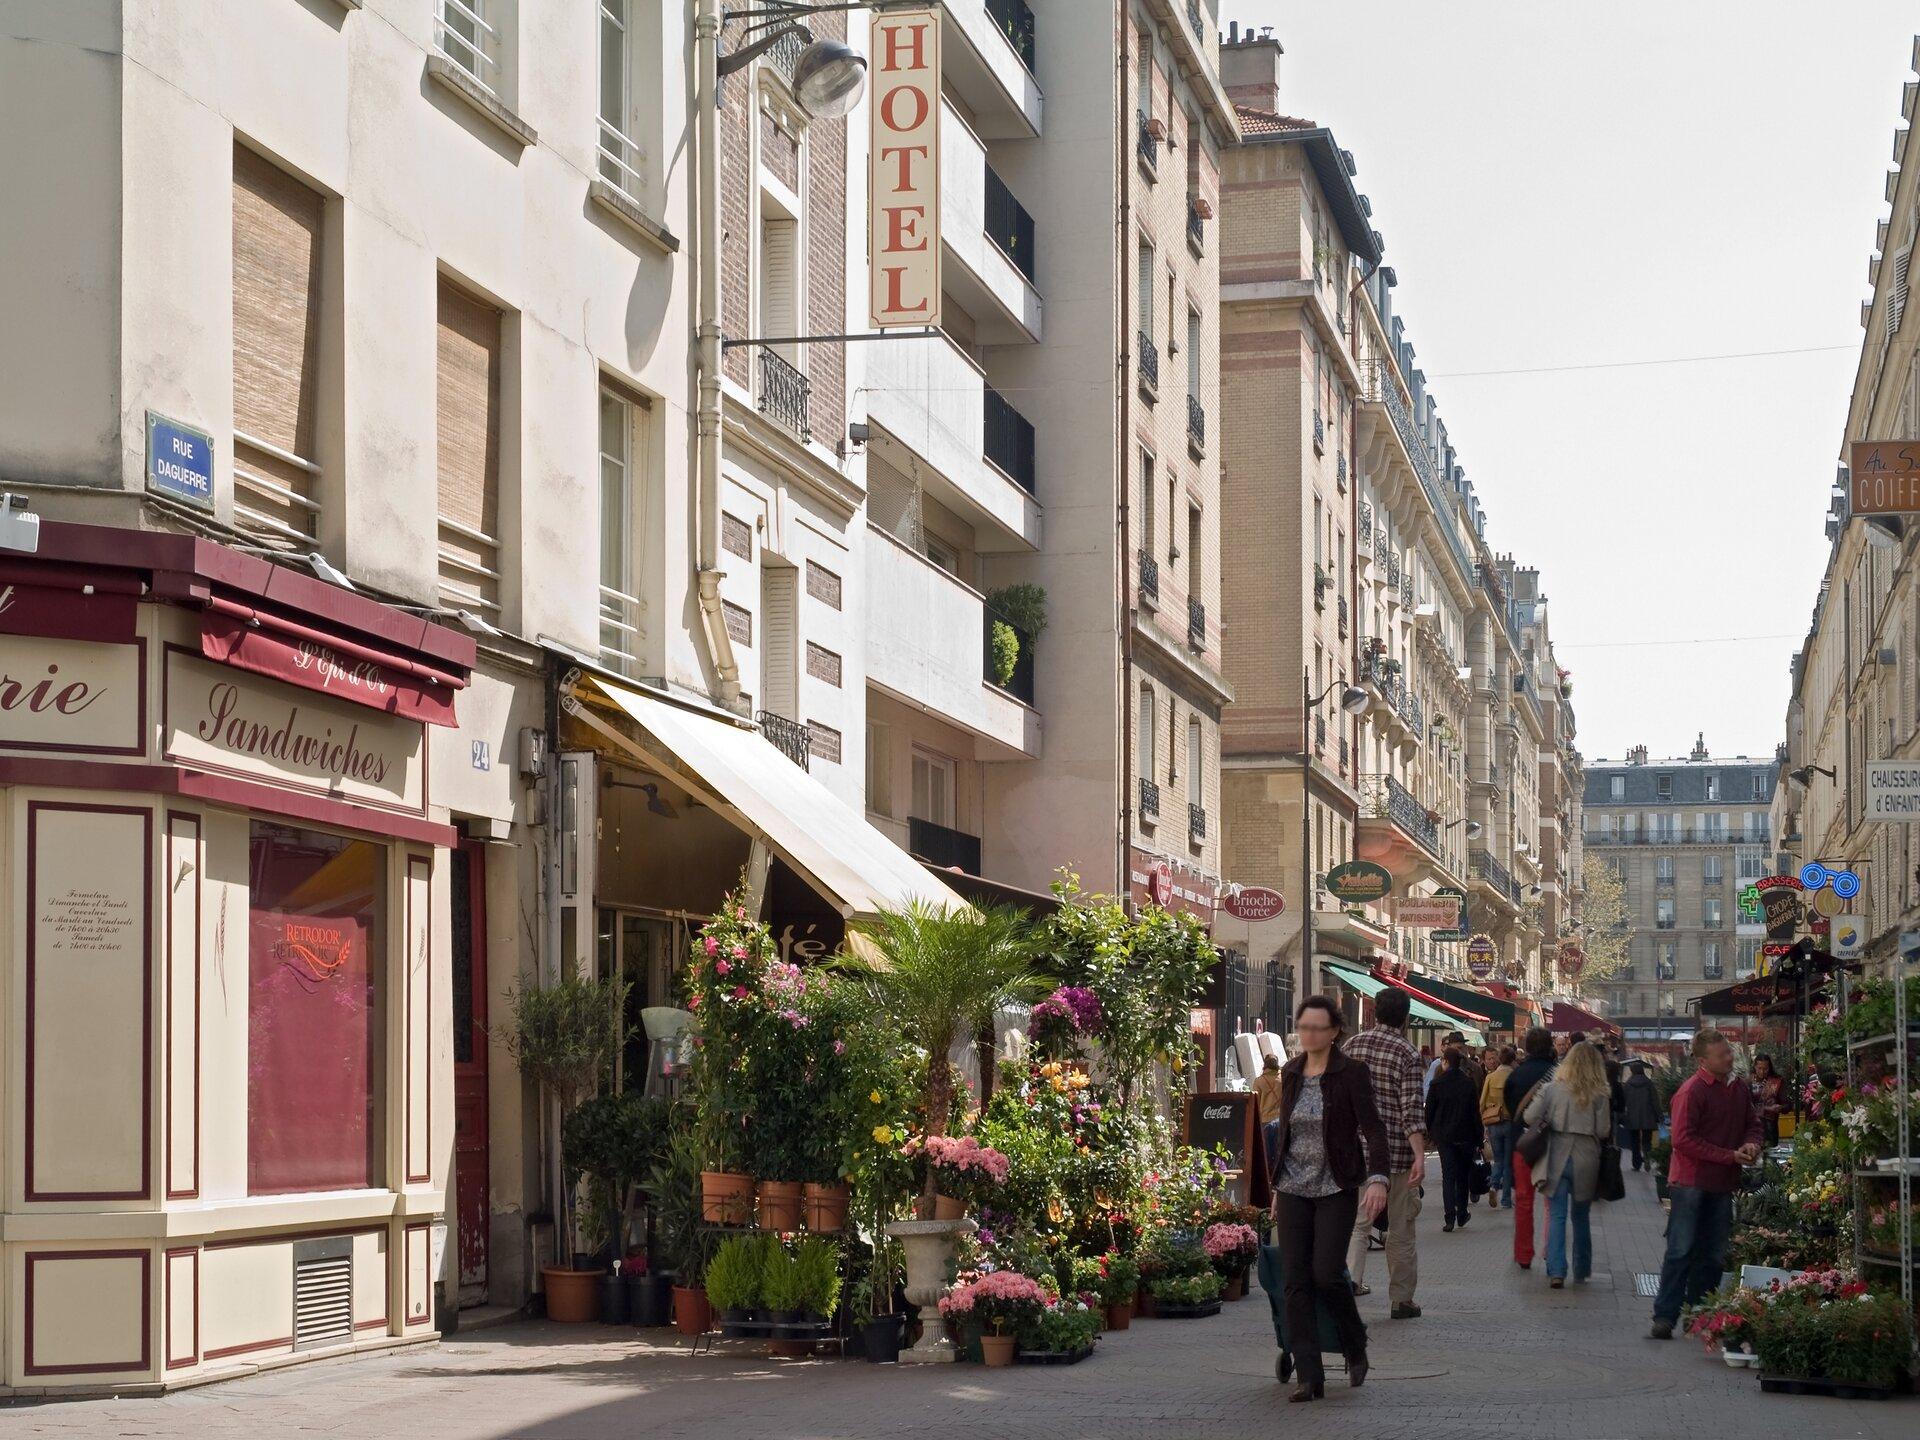 Ulica we Francji Źródło: Myrabella, Ulica we Francji, licencja: CC BY-SA 3.0.